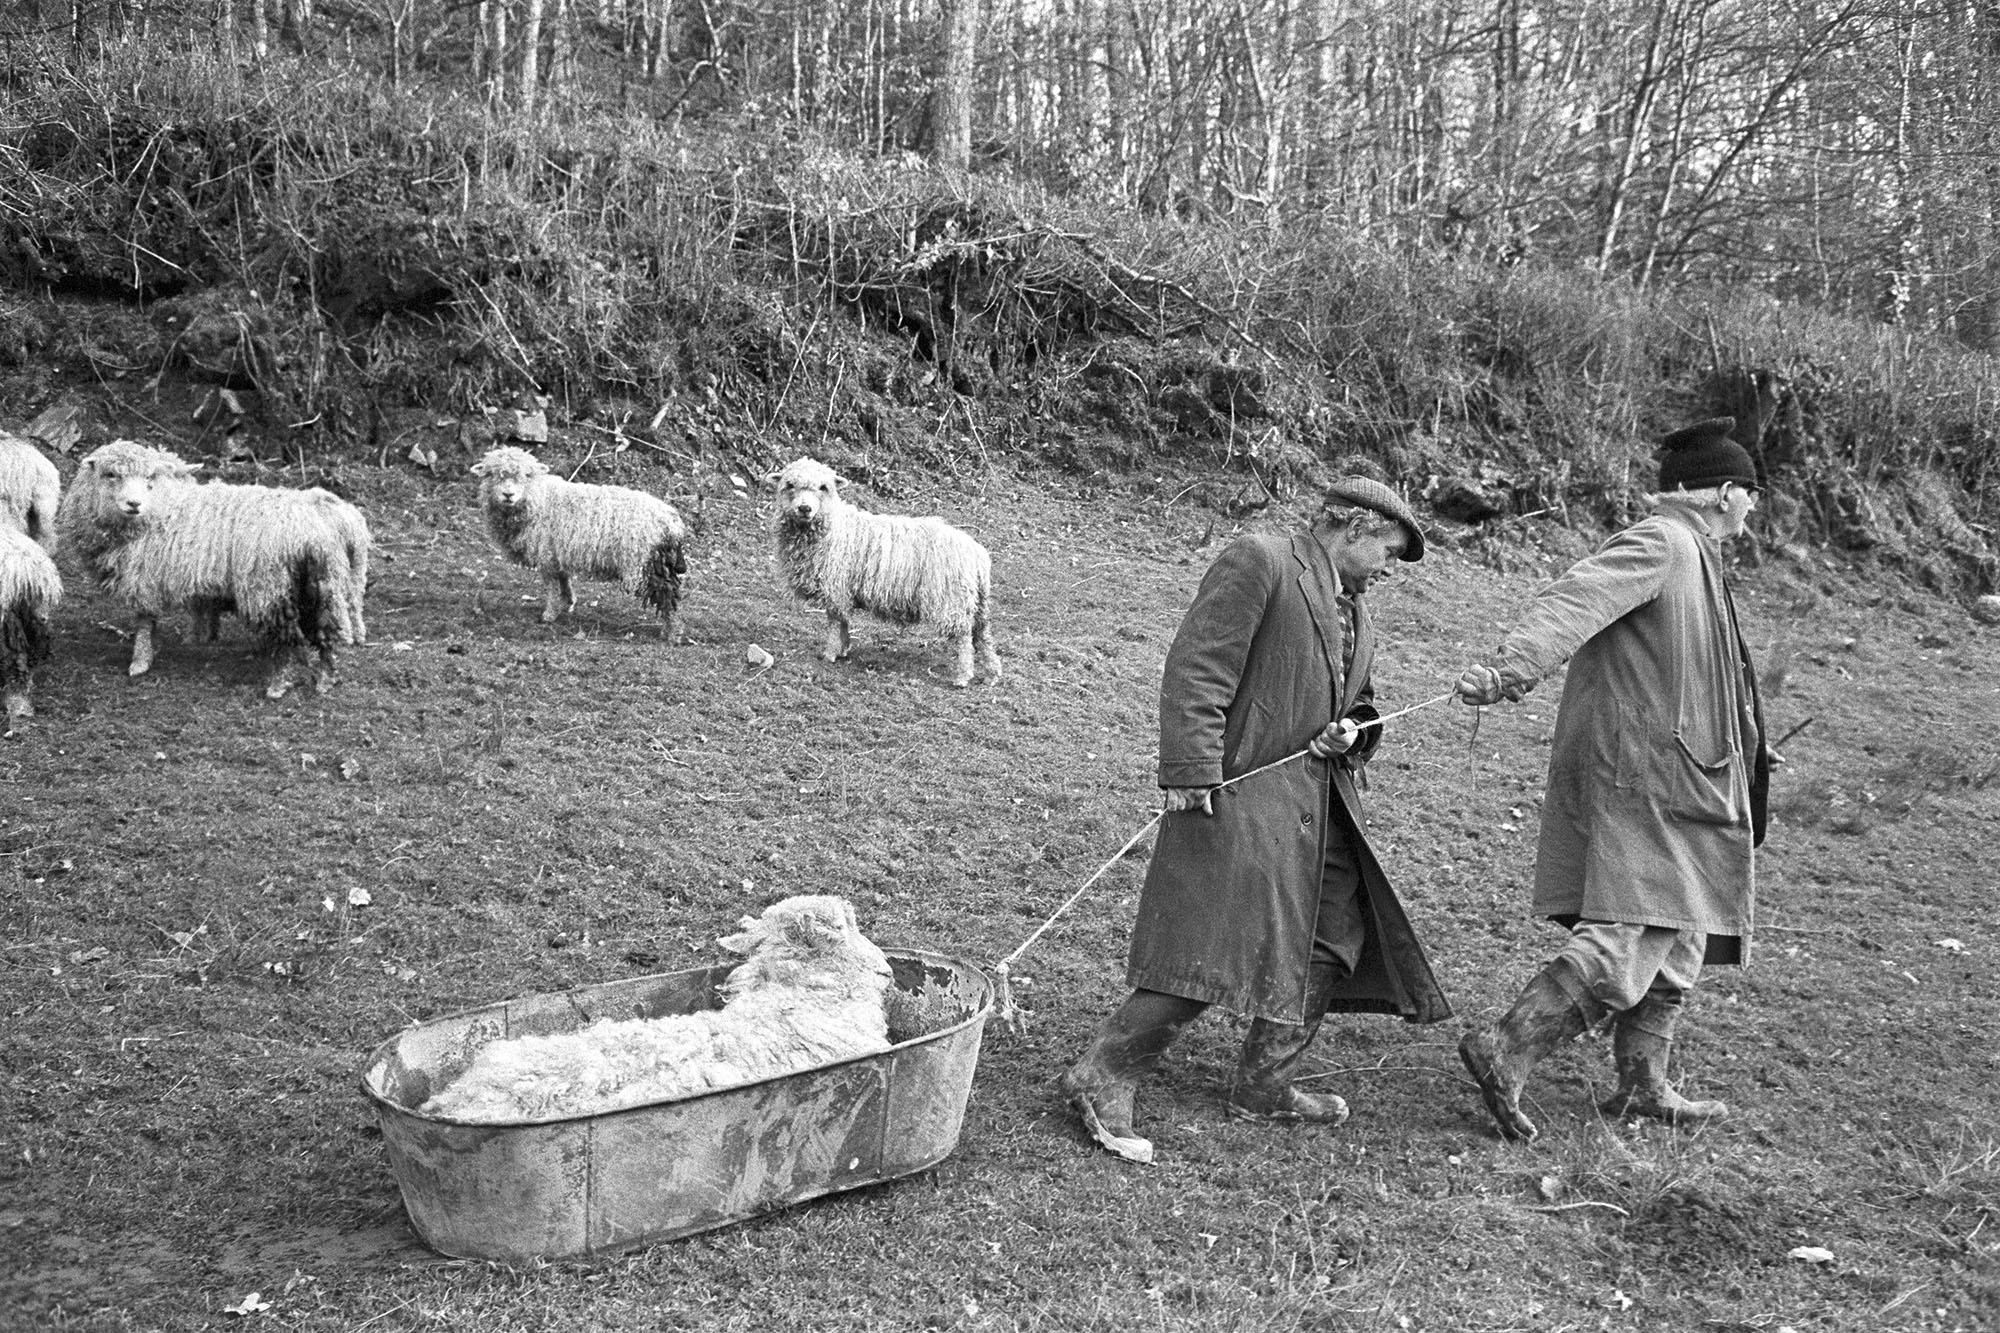 Archie Parkhouse & Ivor Brock dragging sick ram, Millhams, Dolton,1976